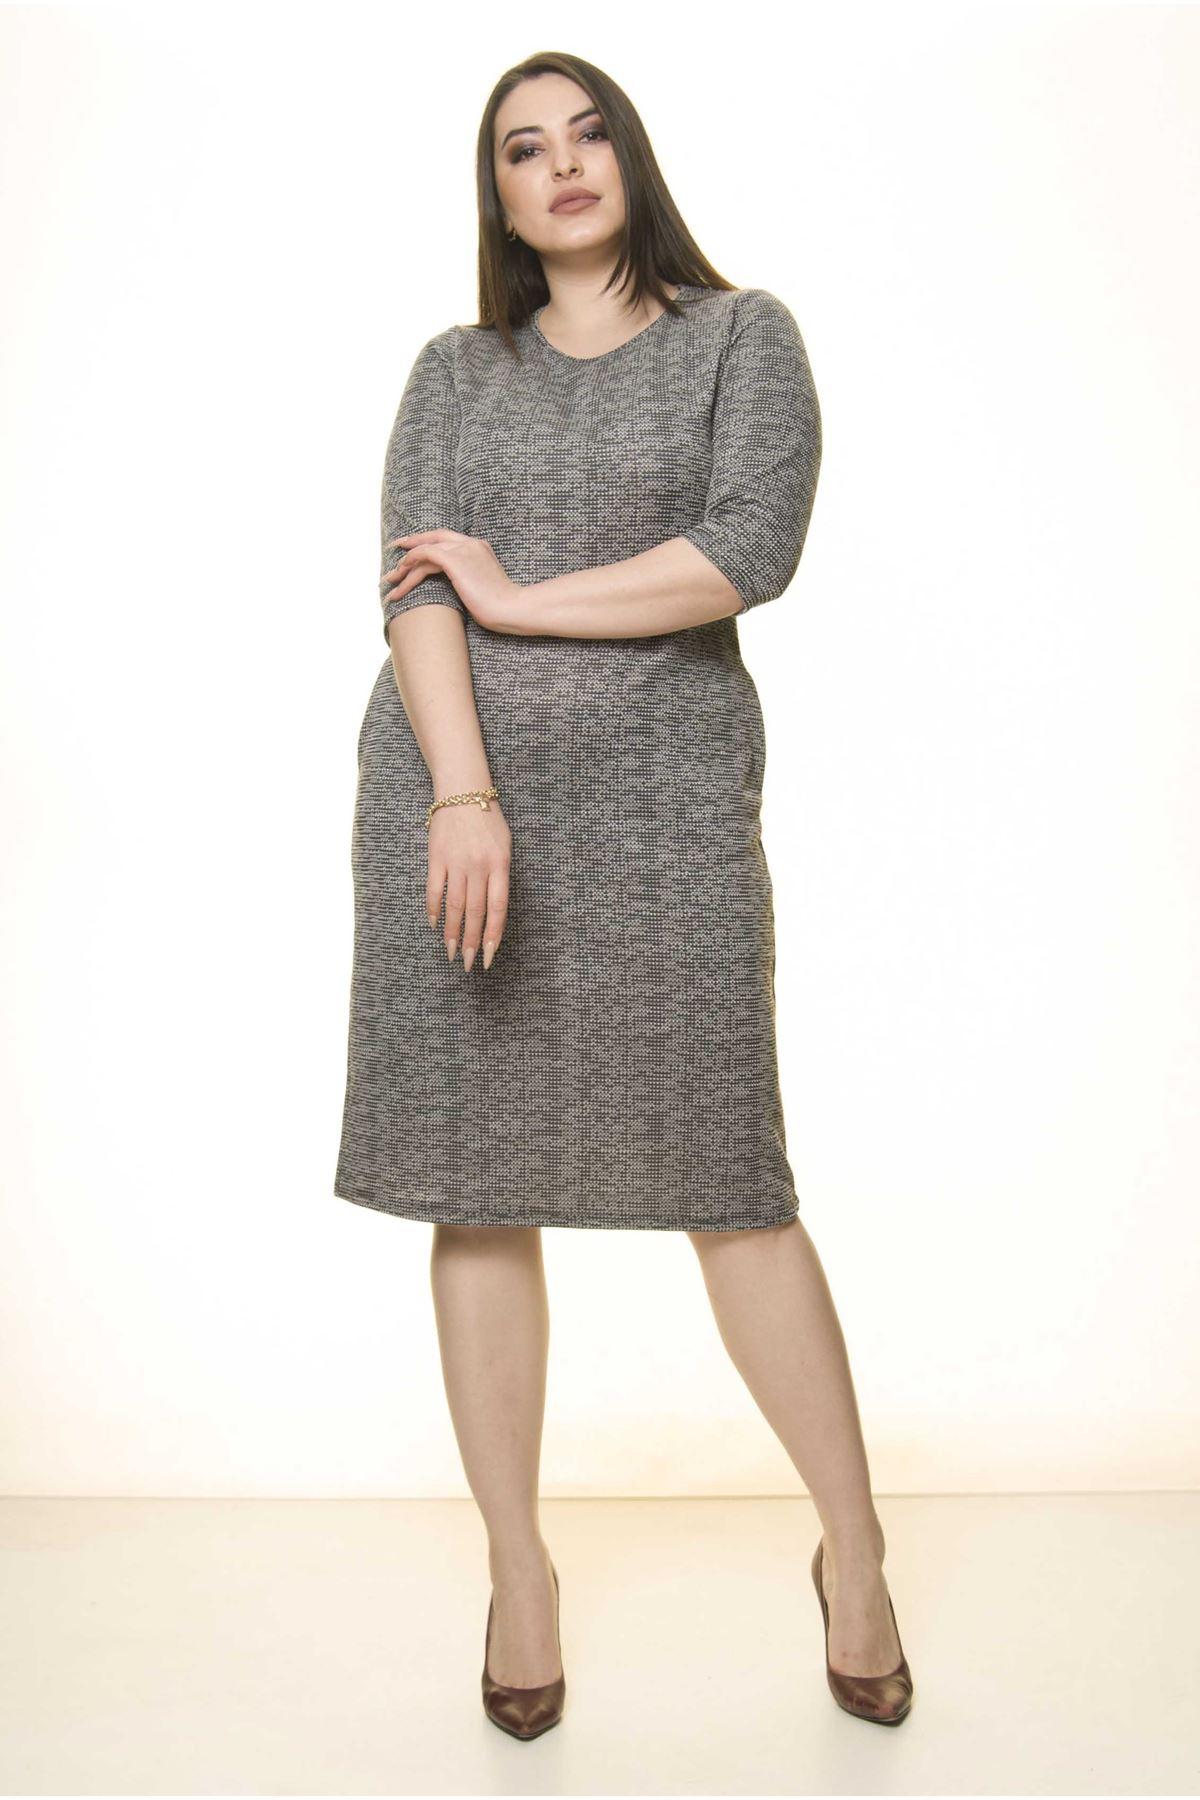 Gri Cepli Kışlık Büyük Beden Elbise 27C-1499